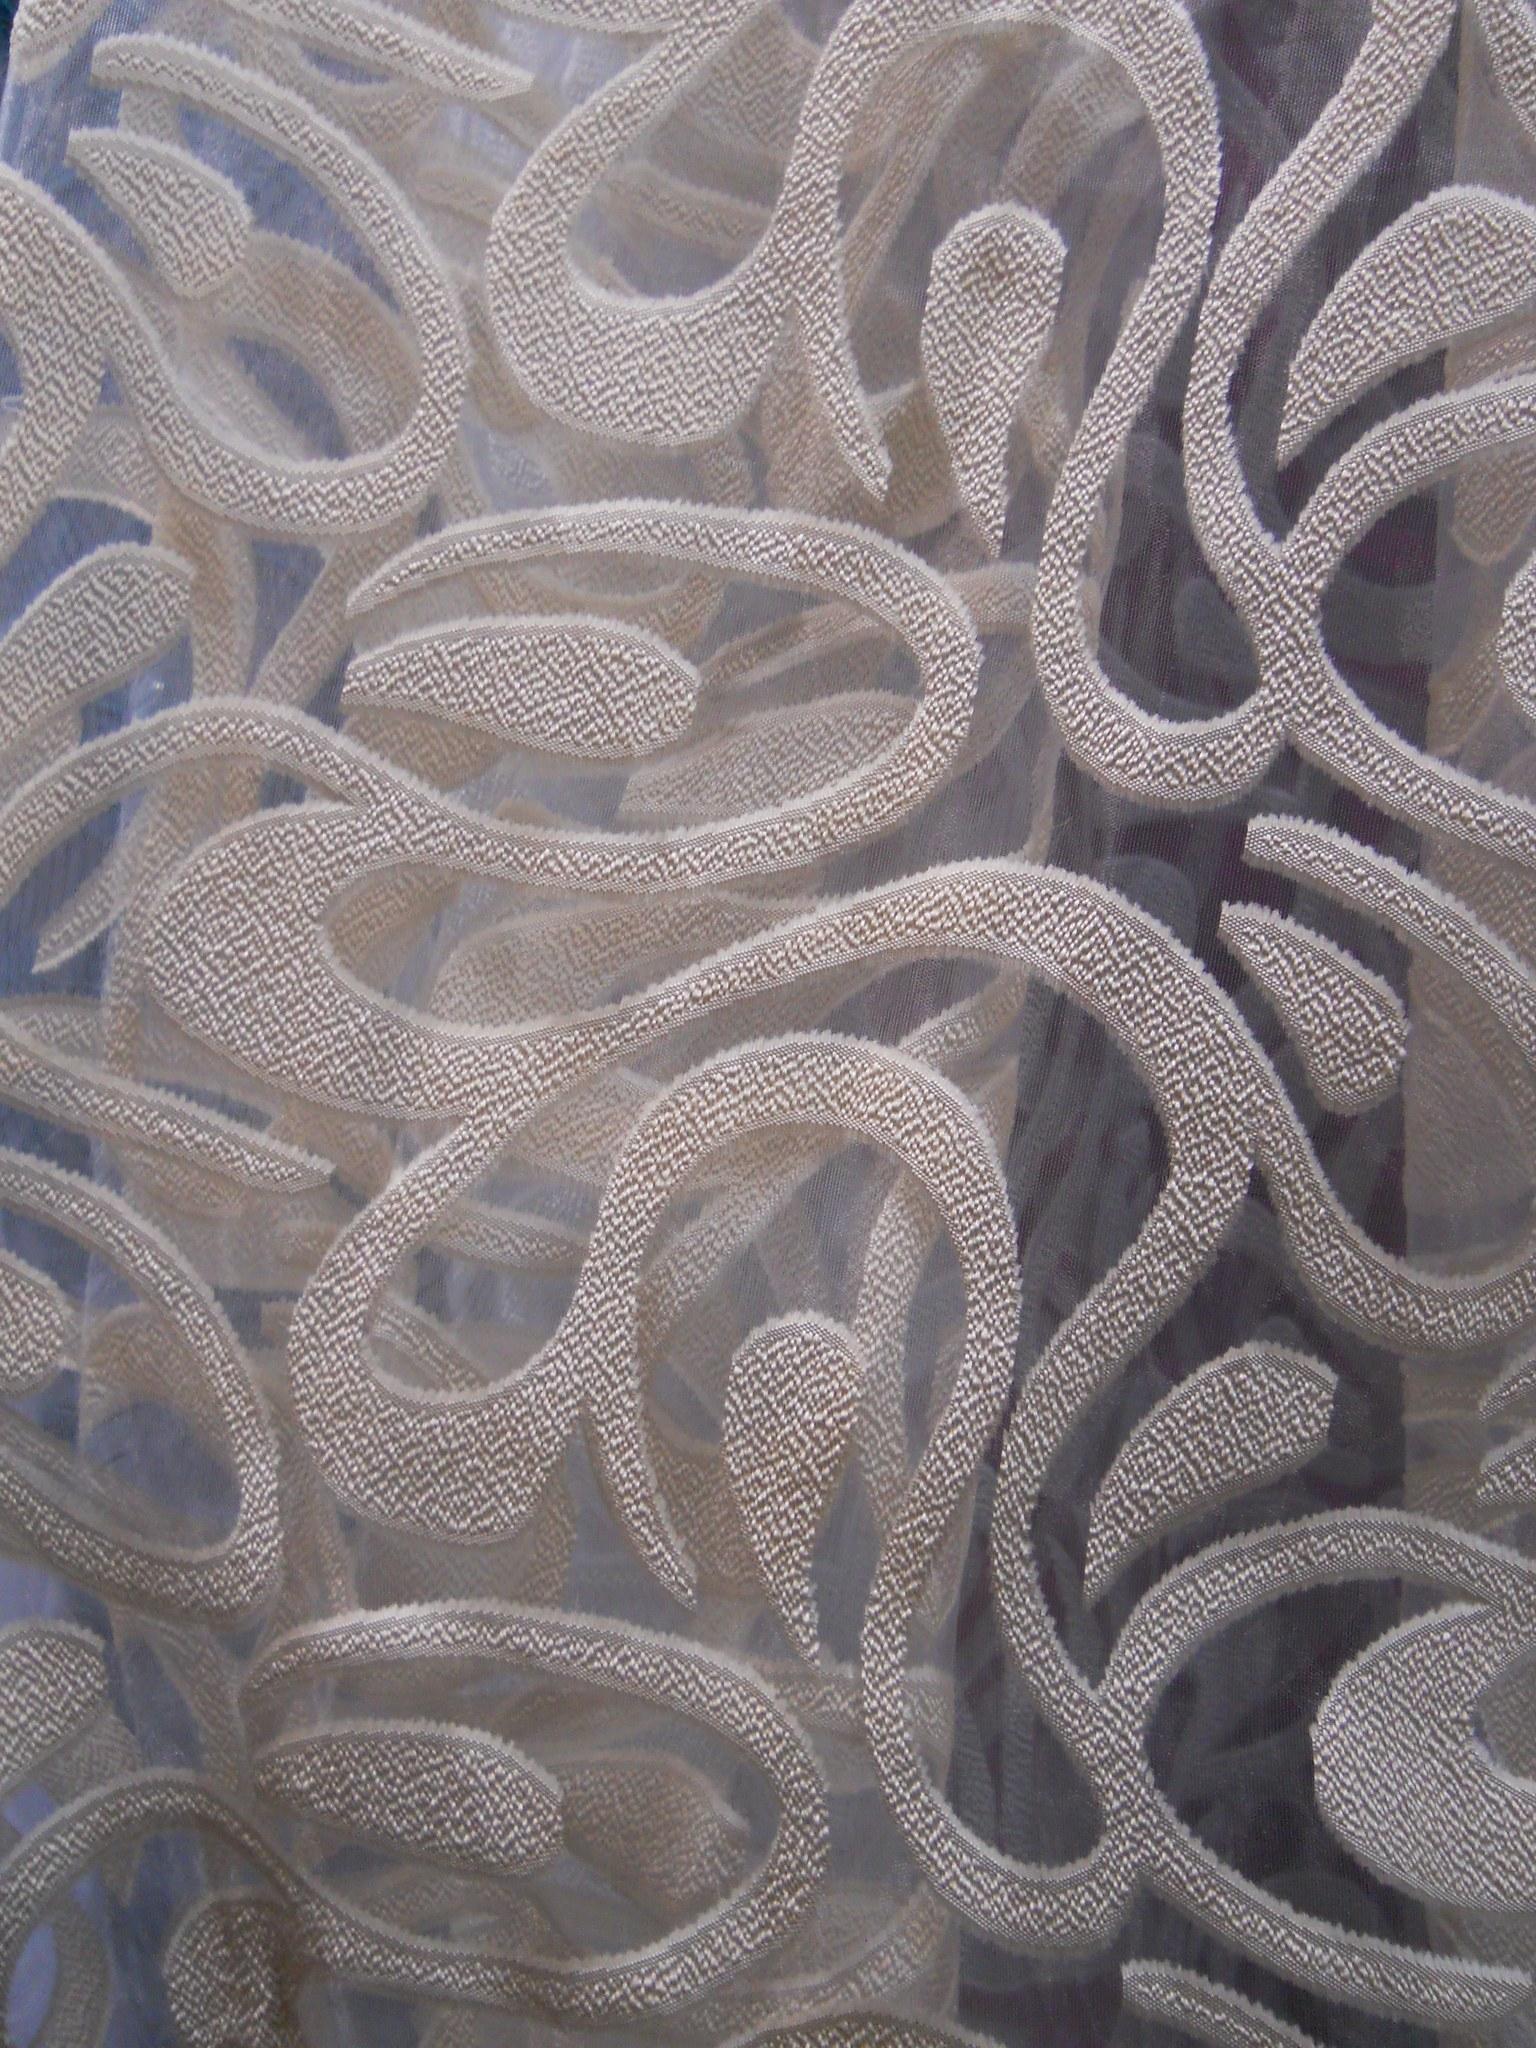 Купить ткань вуаль или органзу красители для тканей купить в белгороде